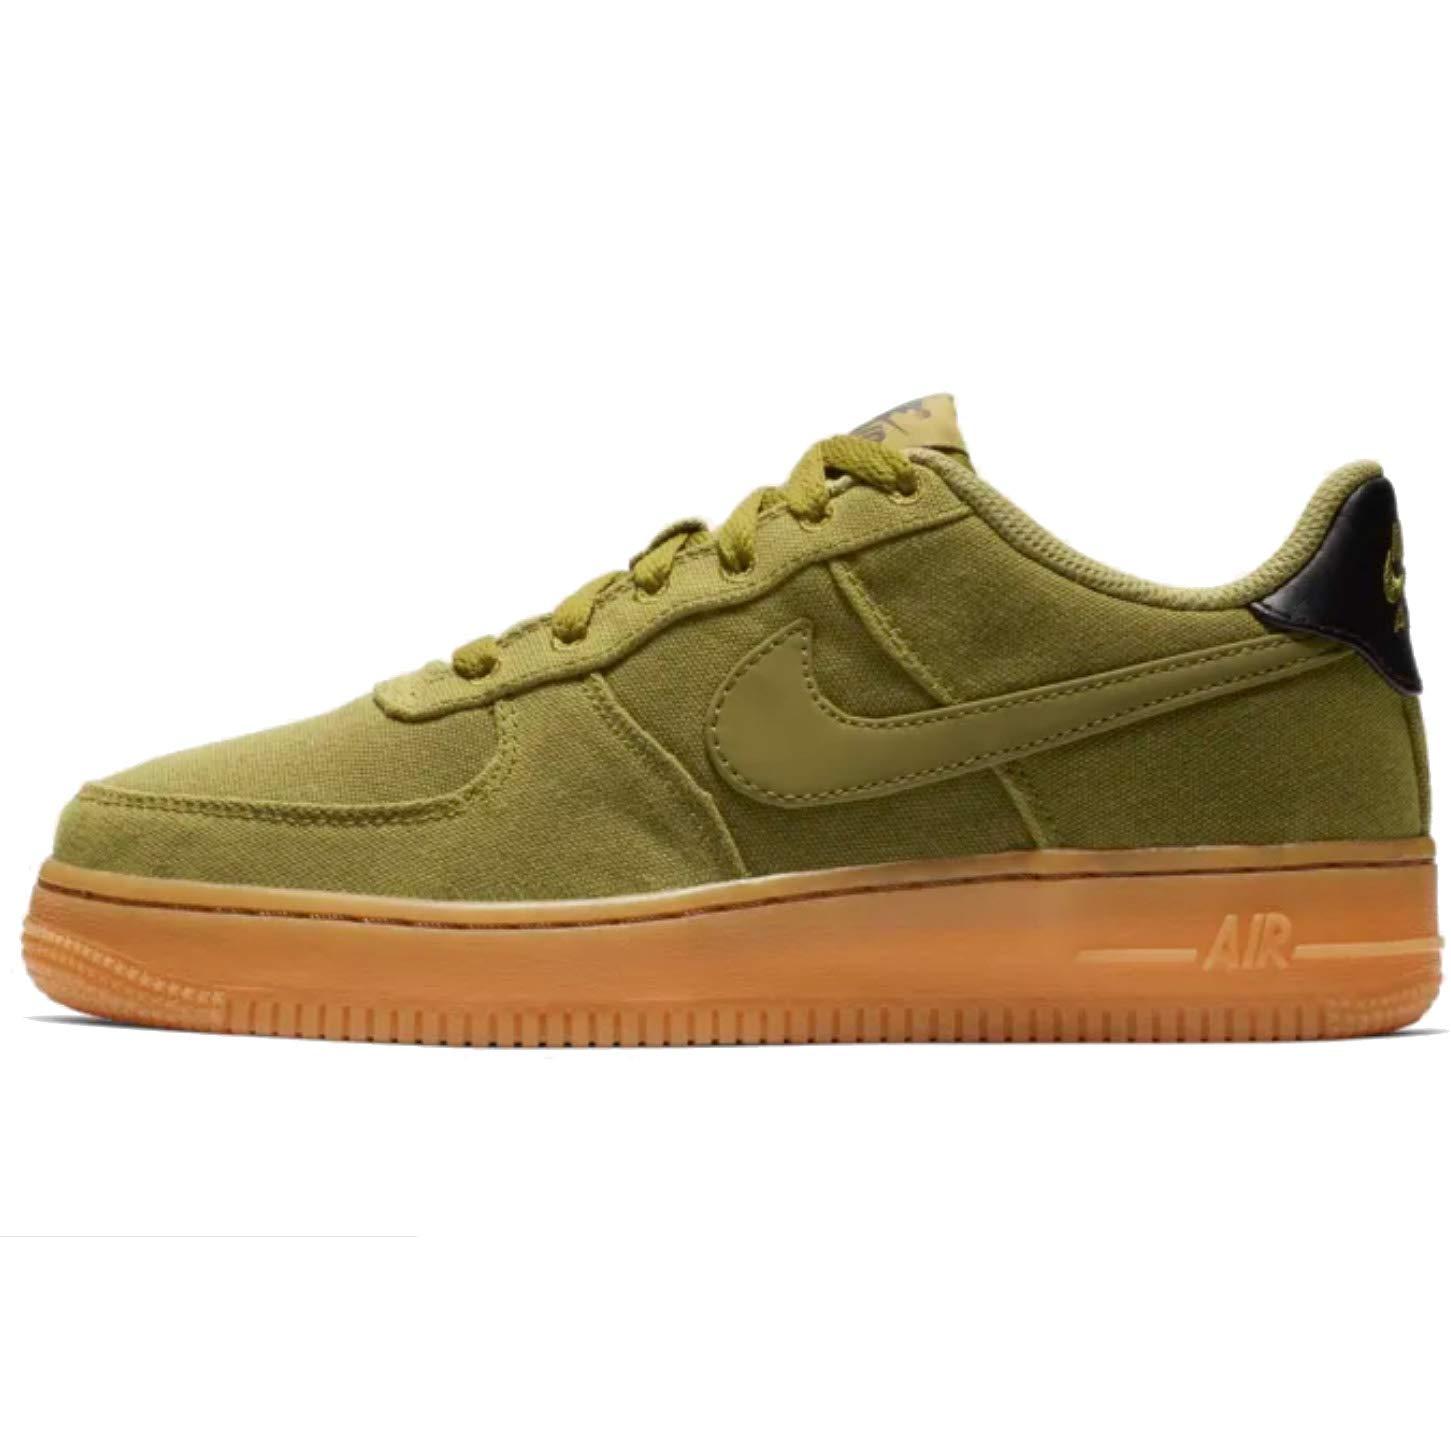 MultiCouleure (Camper vert Camper vert-gum Med marron 300) Nike Air Force 1 Lv8 Style (GS), Chaussures de Fitness garçon 38 EU